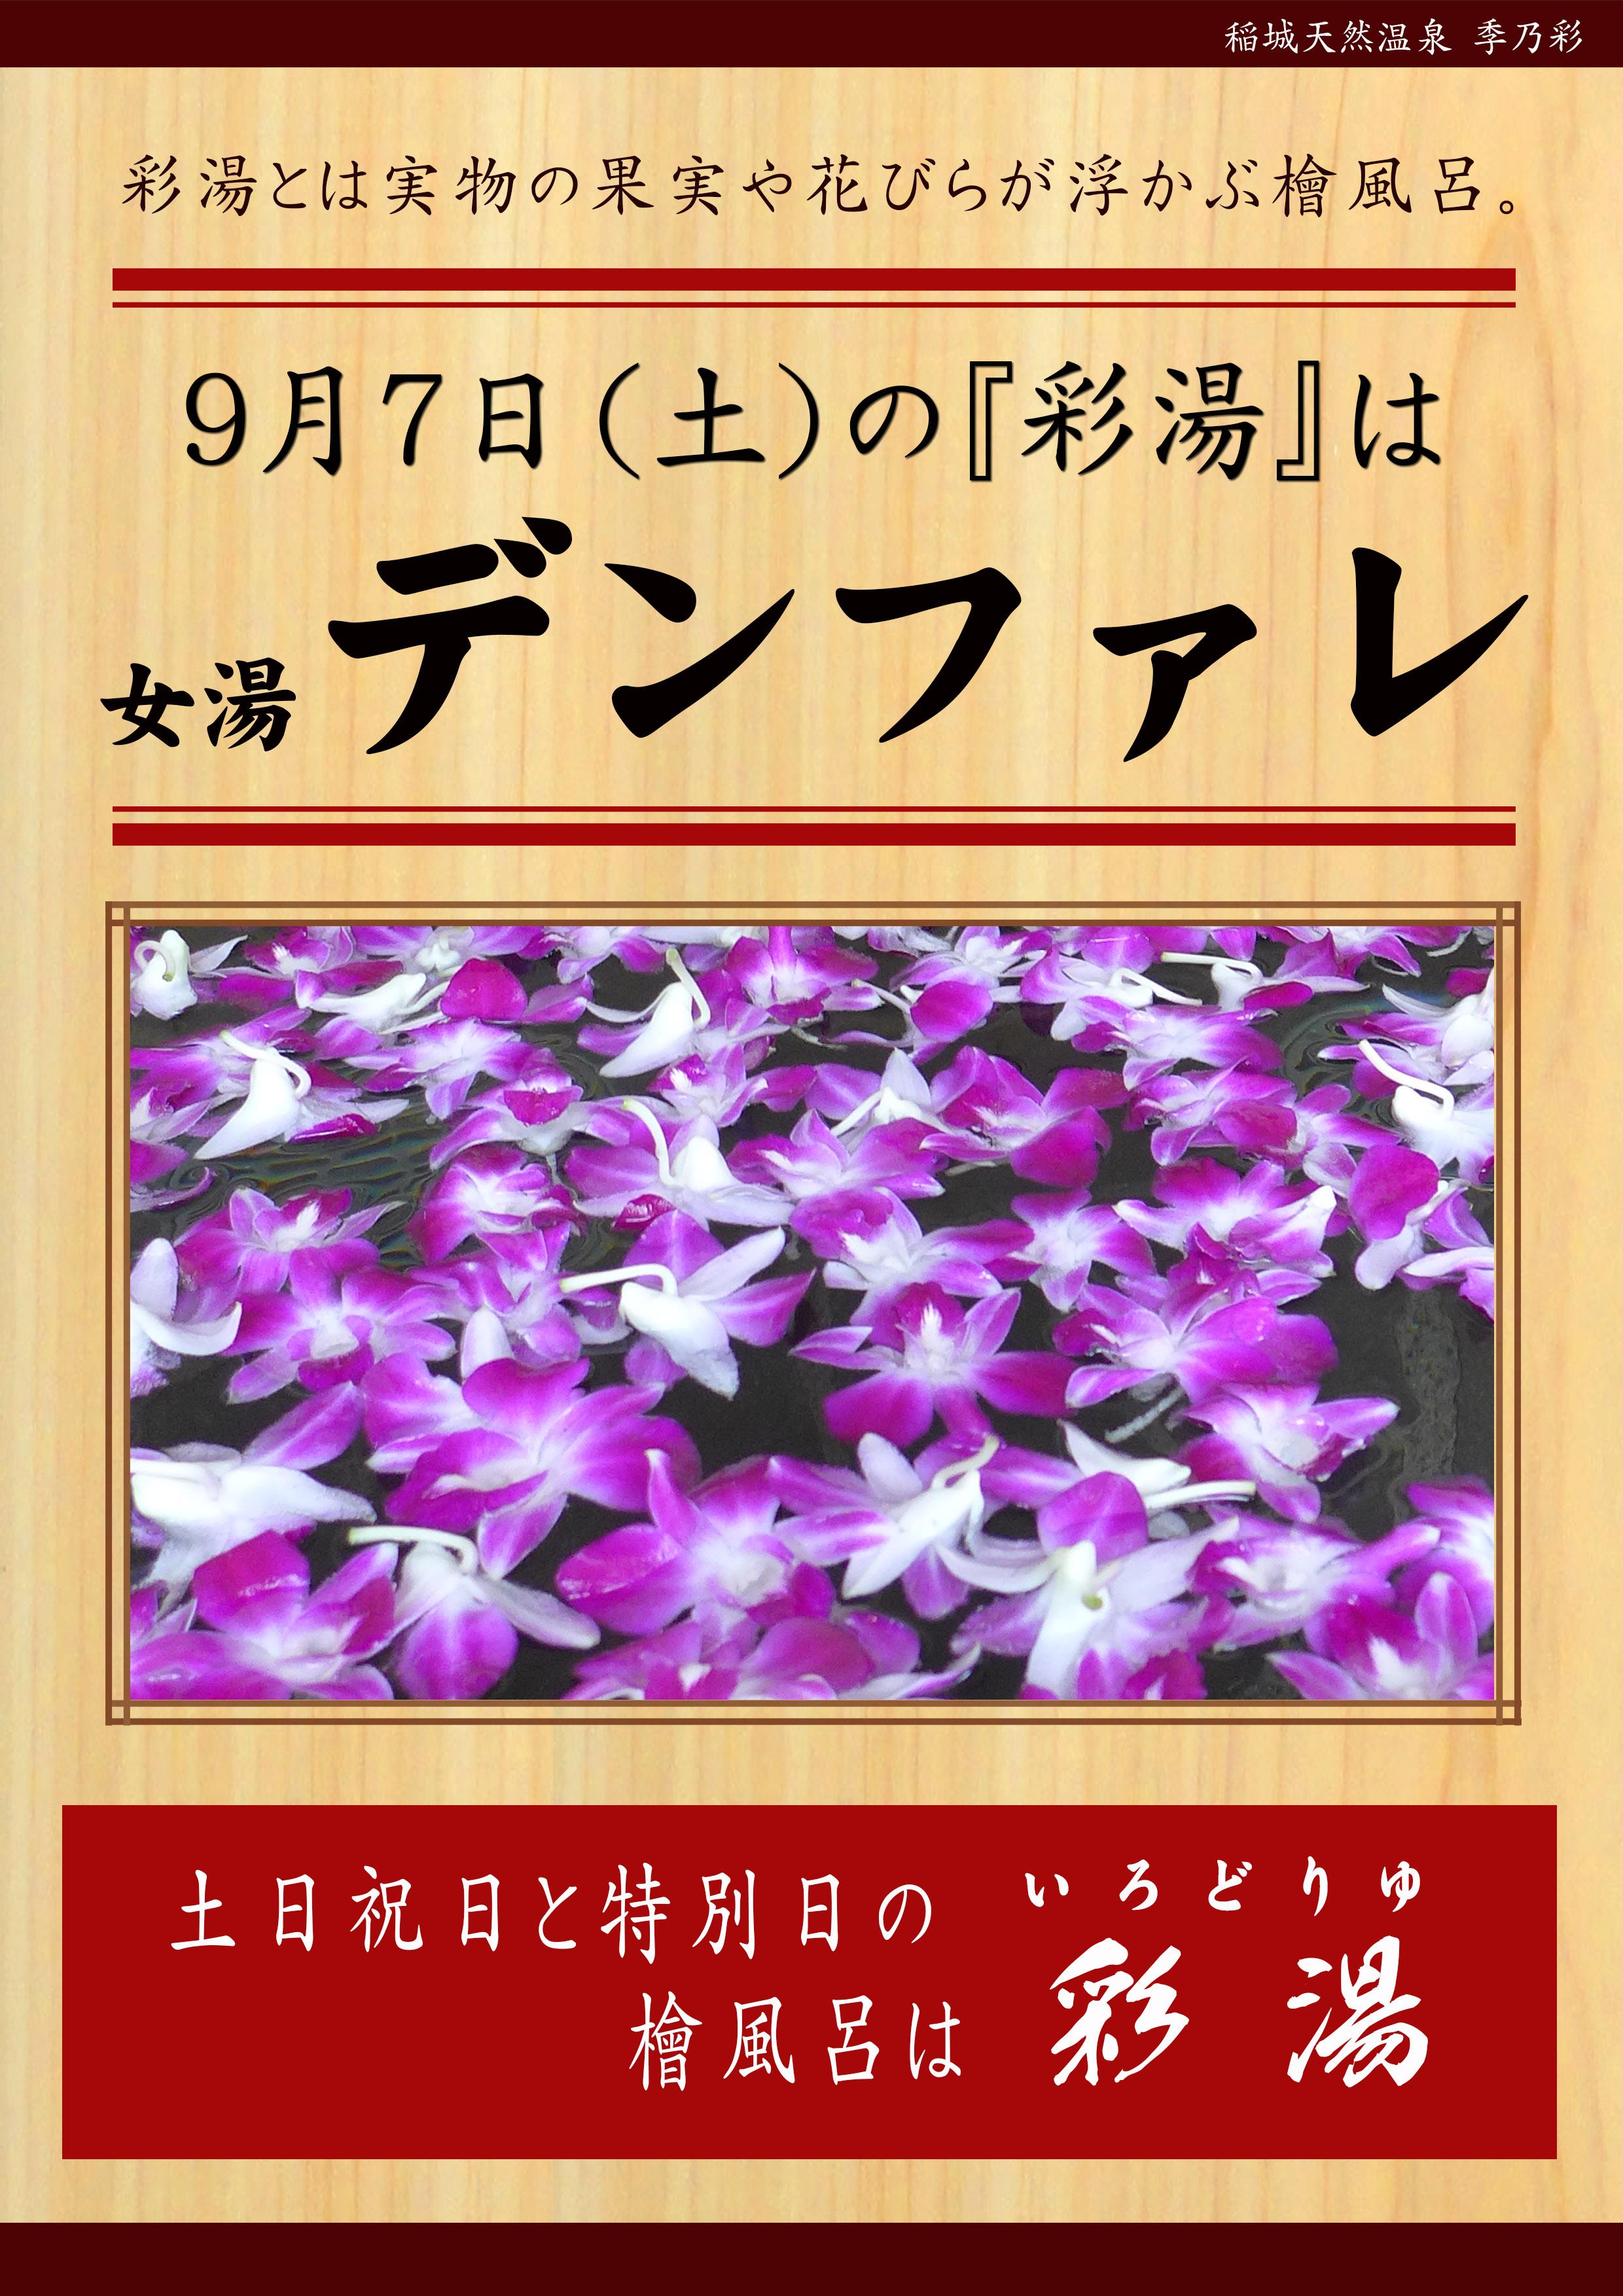 190907 彩湯 女湯 デンファレ